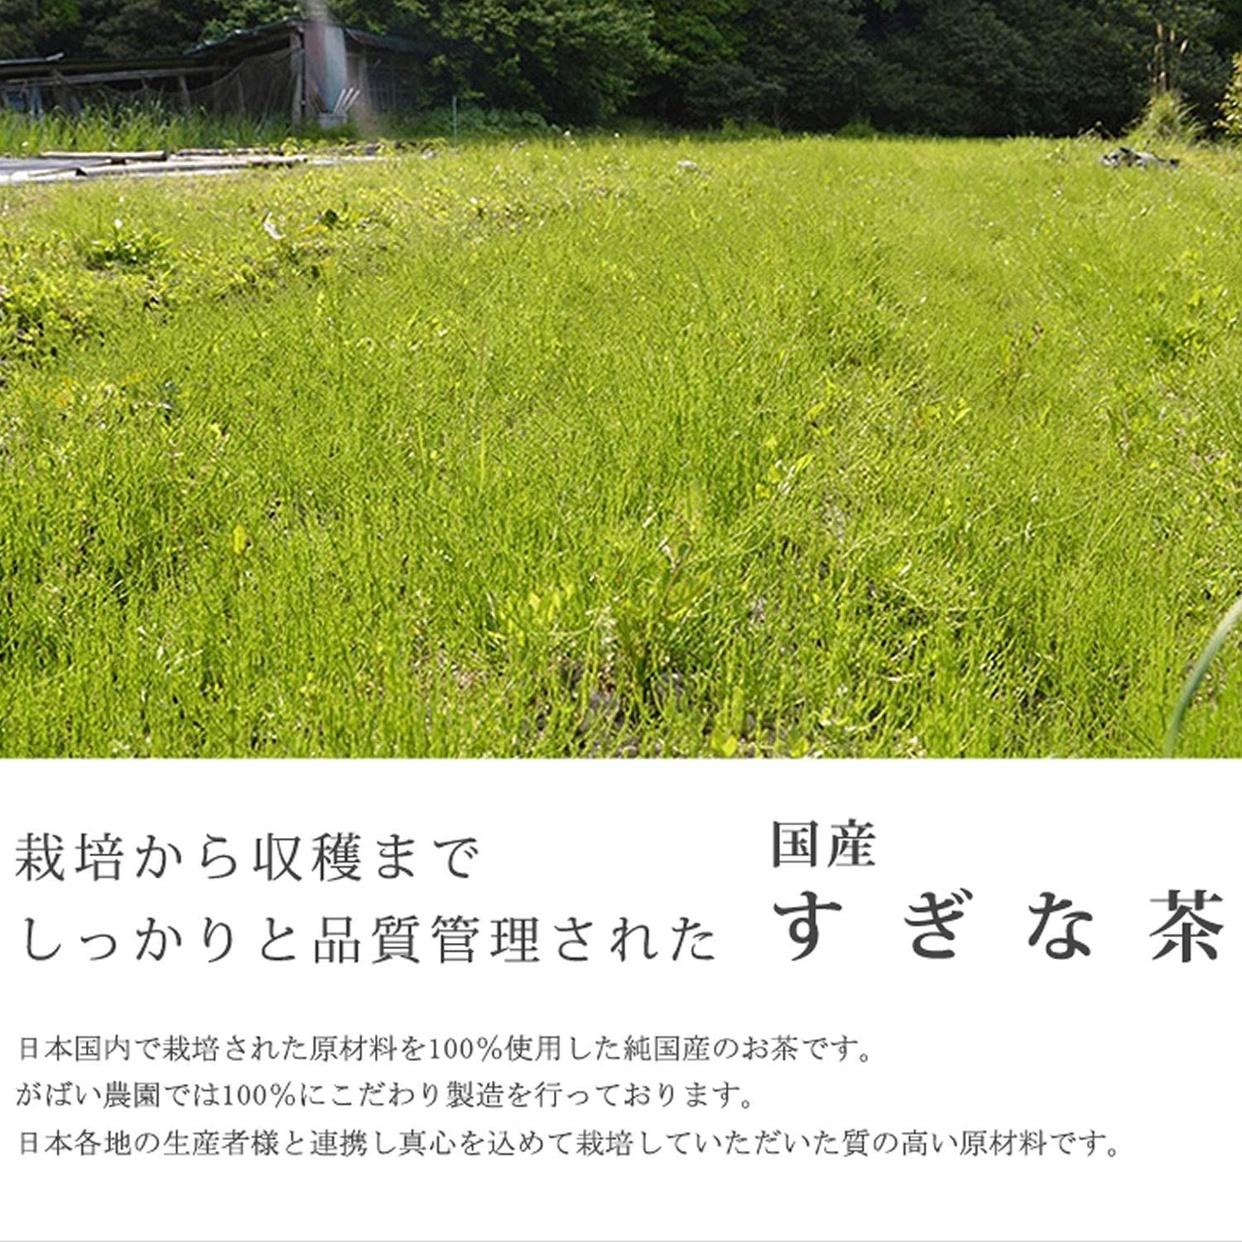 がばい農園 国産のすぎな茶の商品画像2